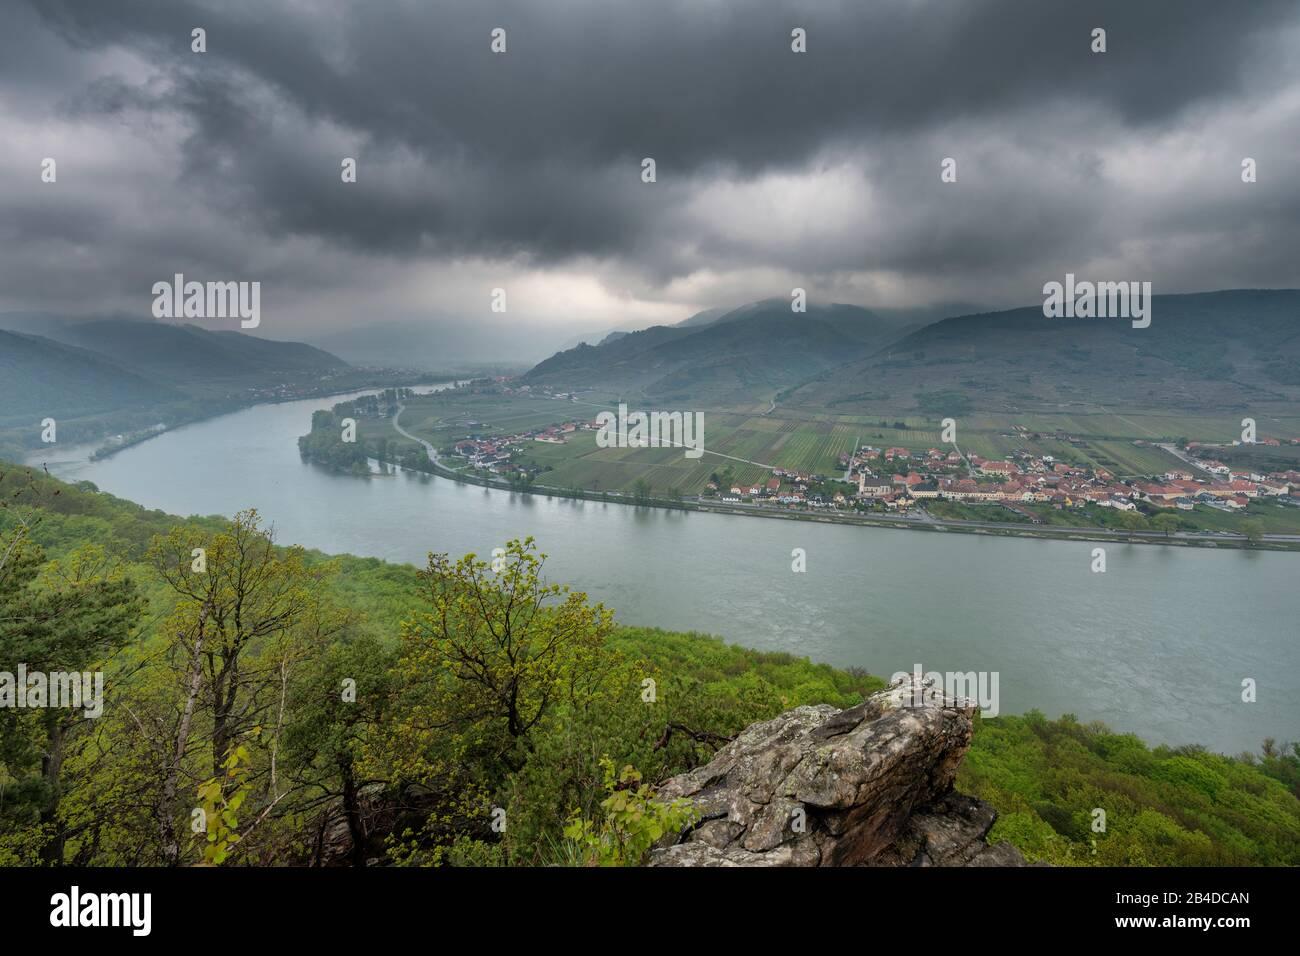 Dating Seiten Mautern an Der Donau, Erotik Kontakte Purgstall